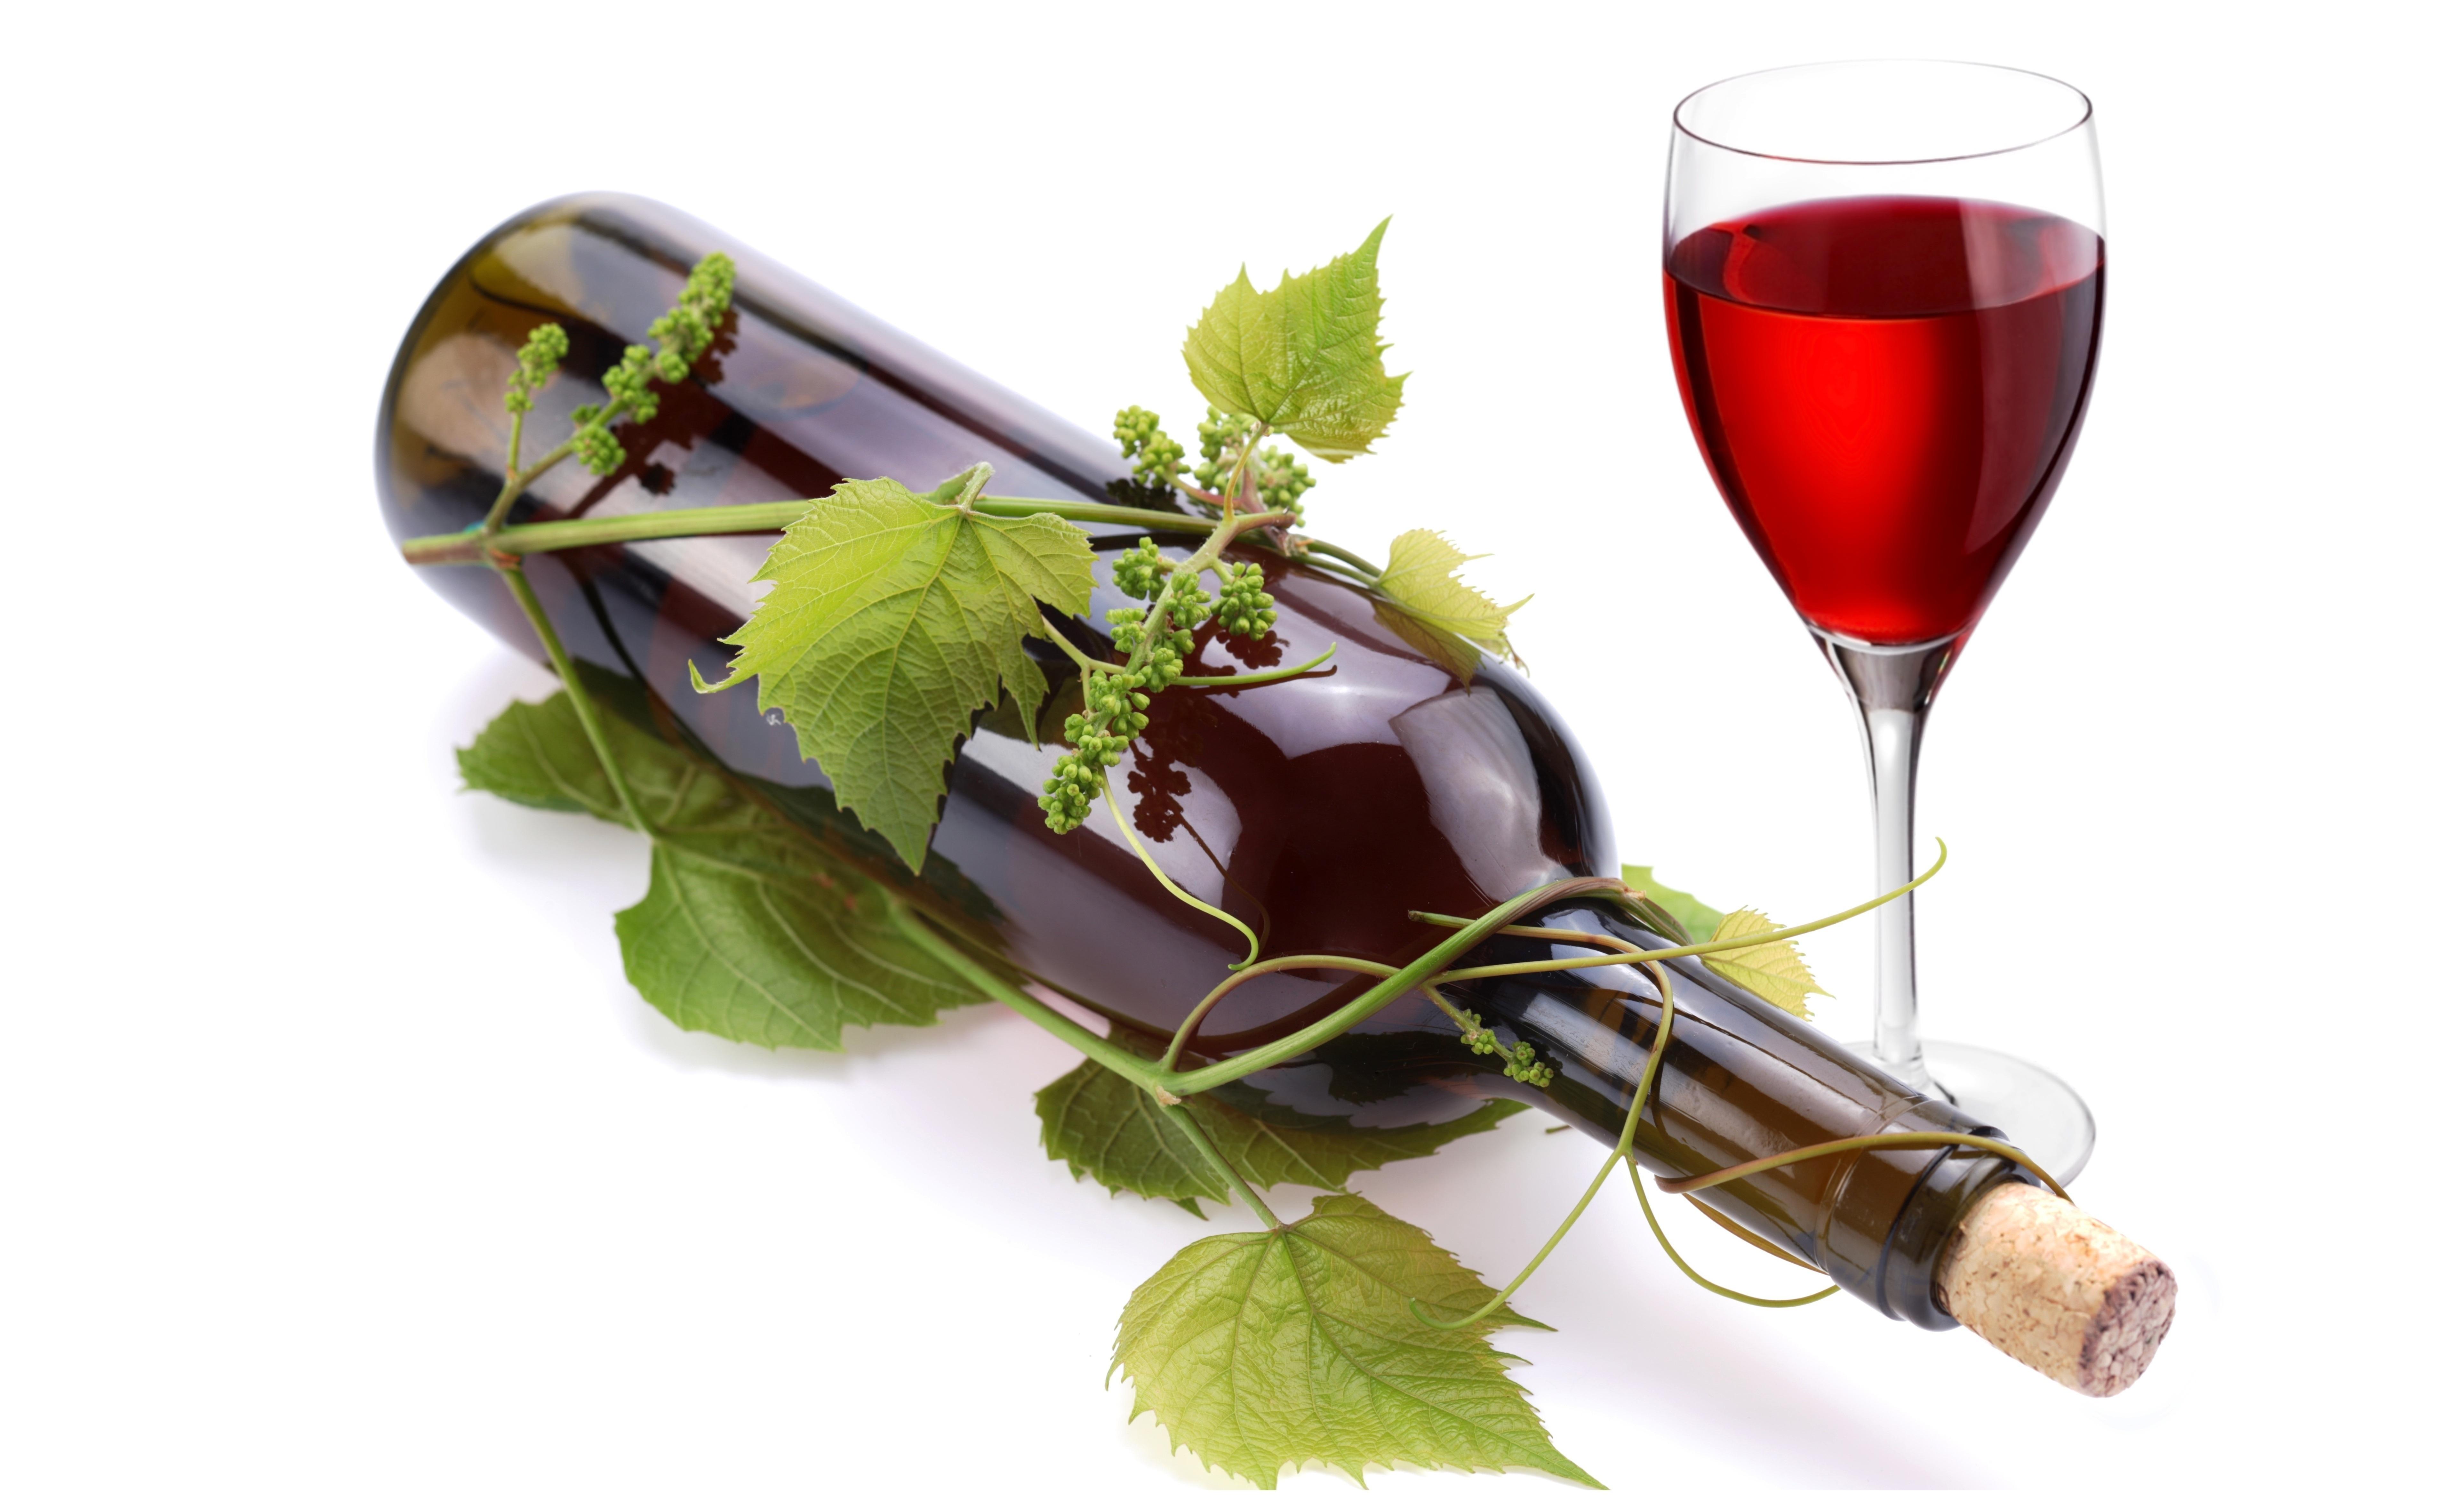 Простатит красное вино припараты для лечения от простатита